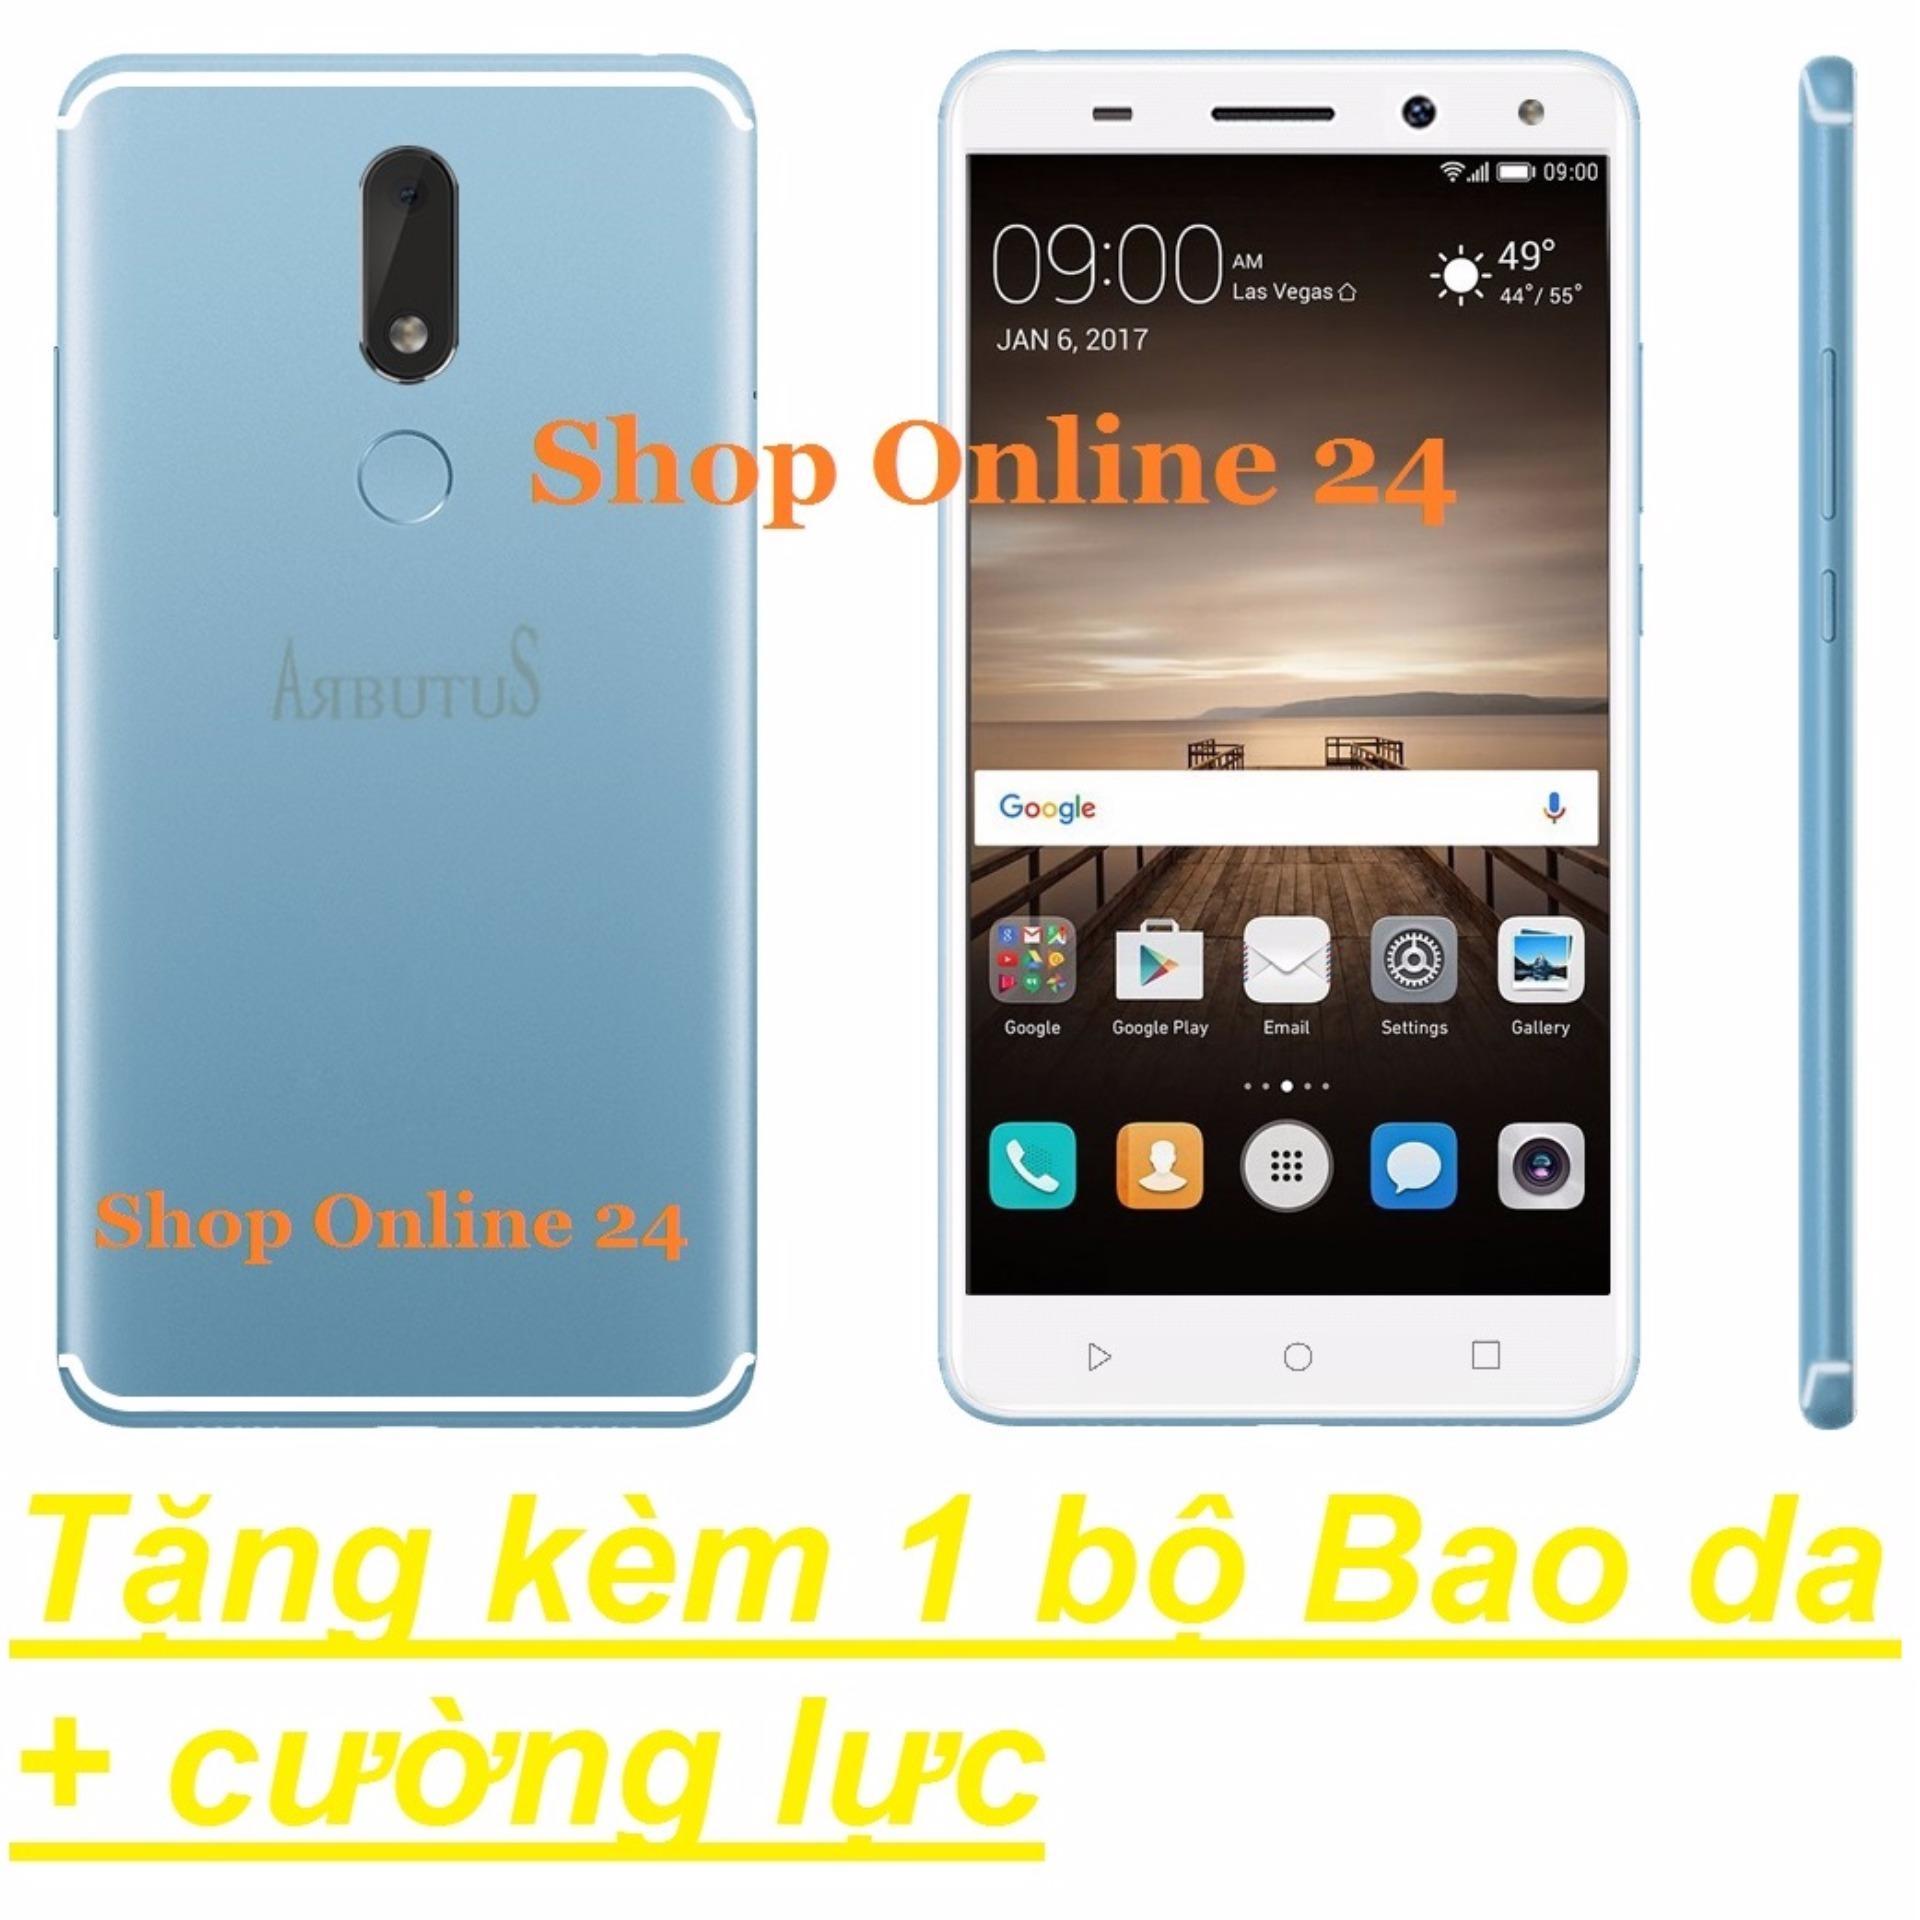 Arbutus Max 8s 32G Ram 2GB (Xanh) + Bao Da + Cường lực – Hàng nhập khẩu